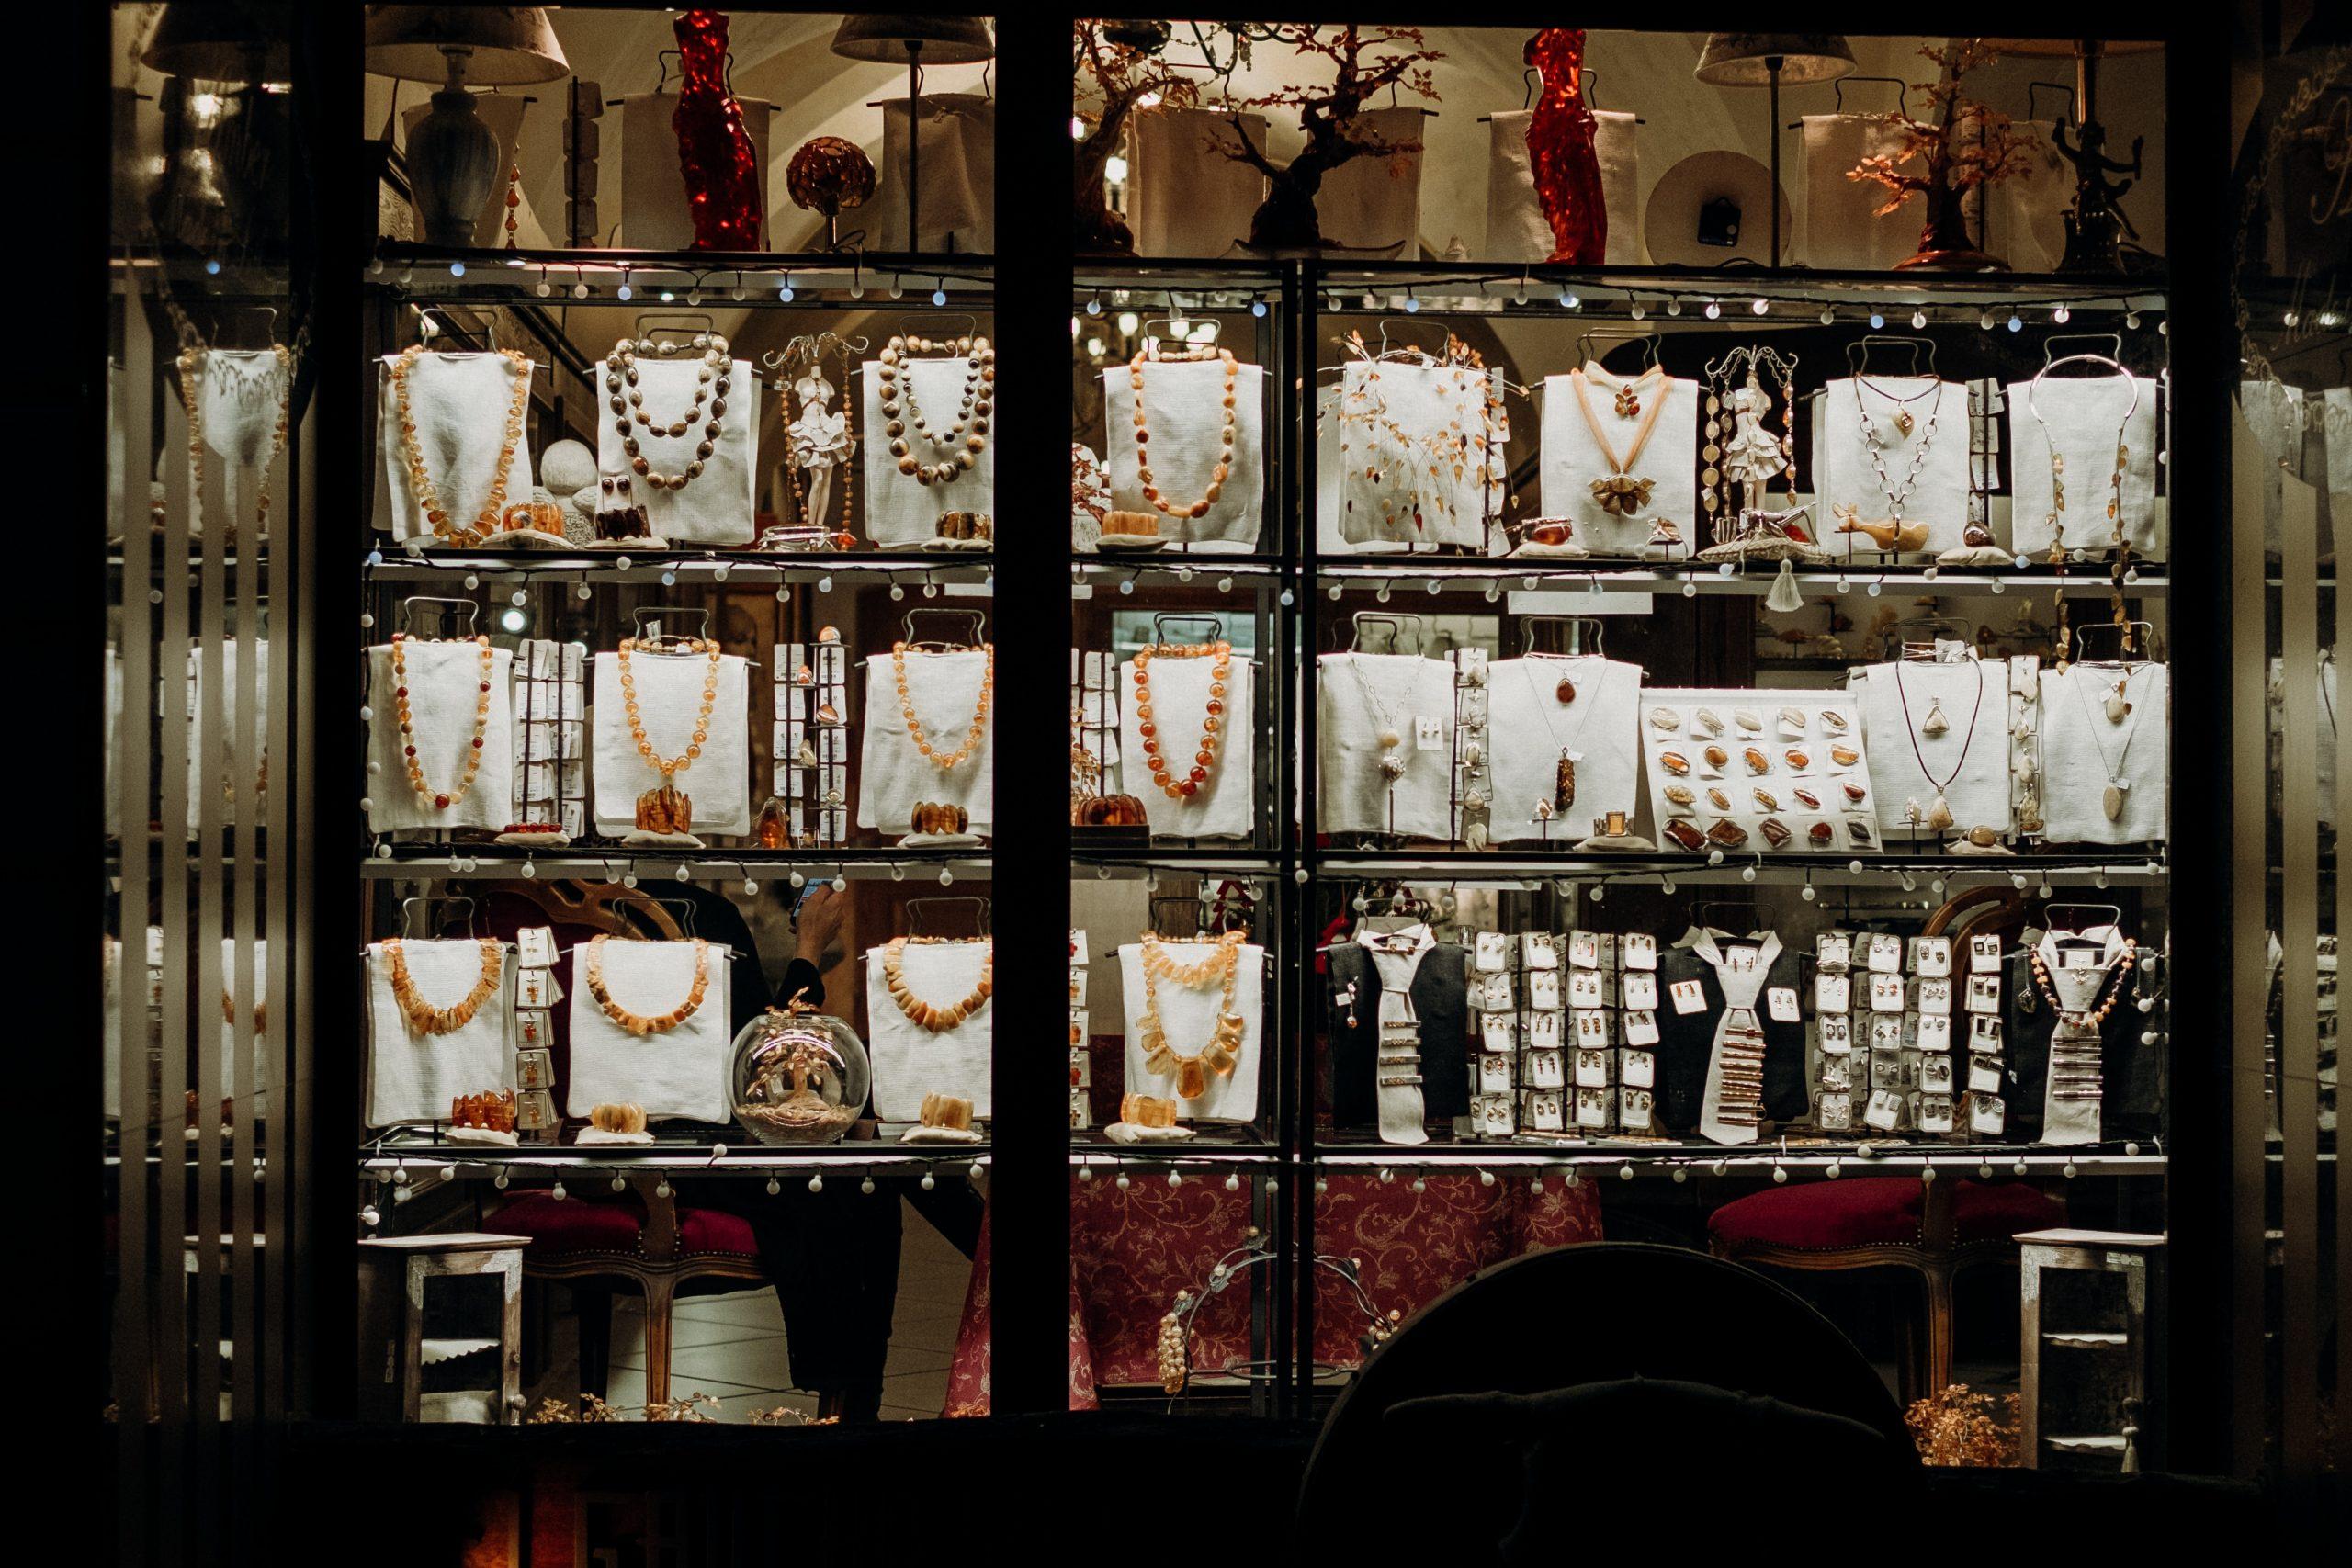 Hoe uw juwelierszaak kan worden geholpen